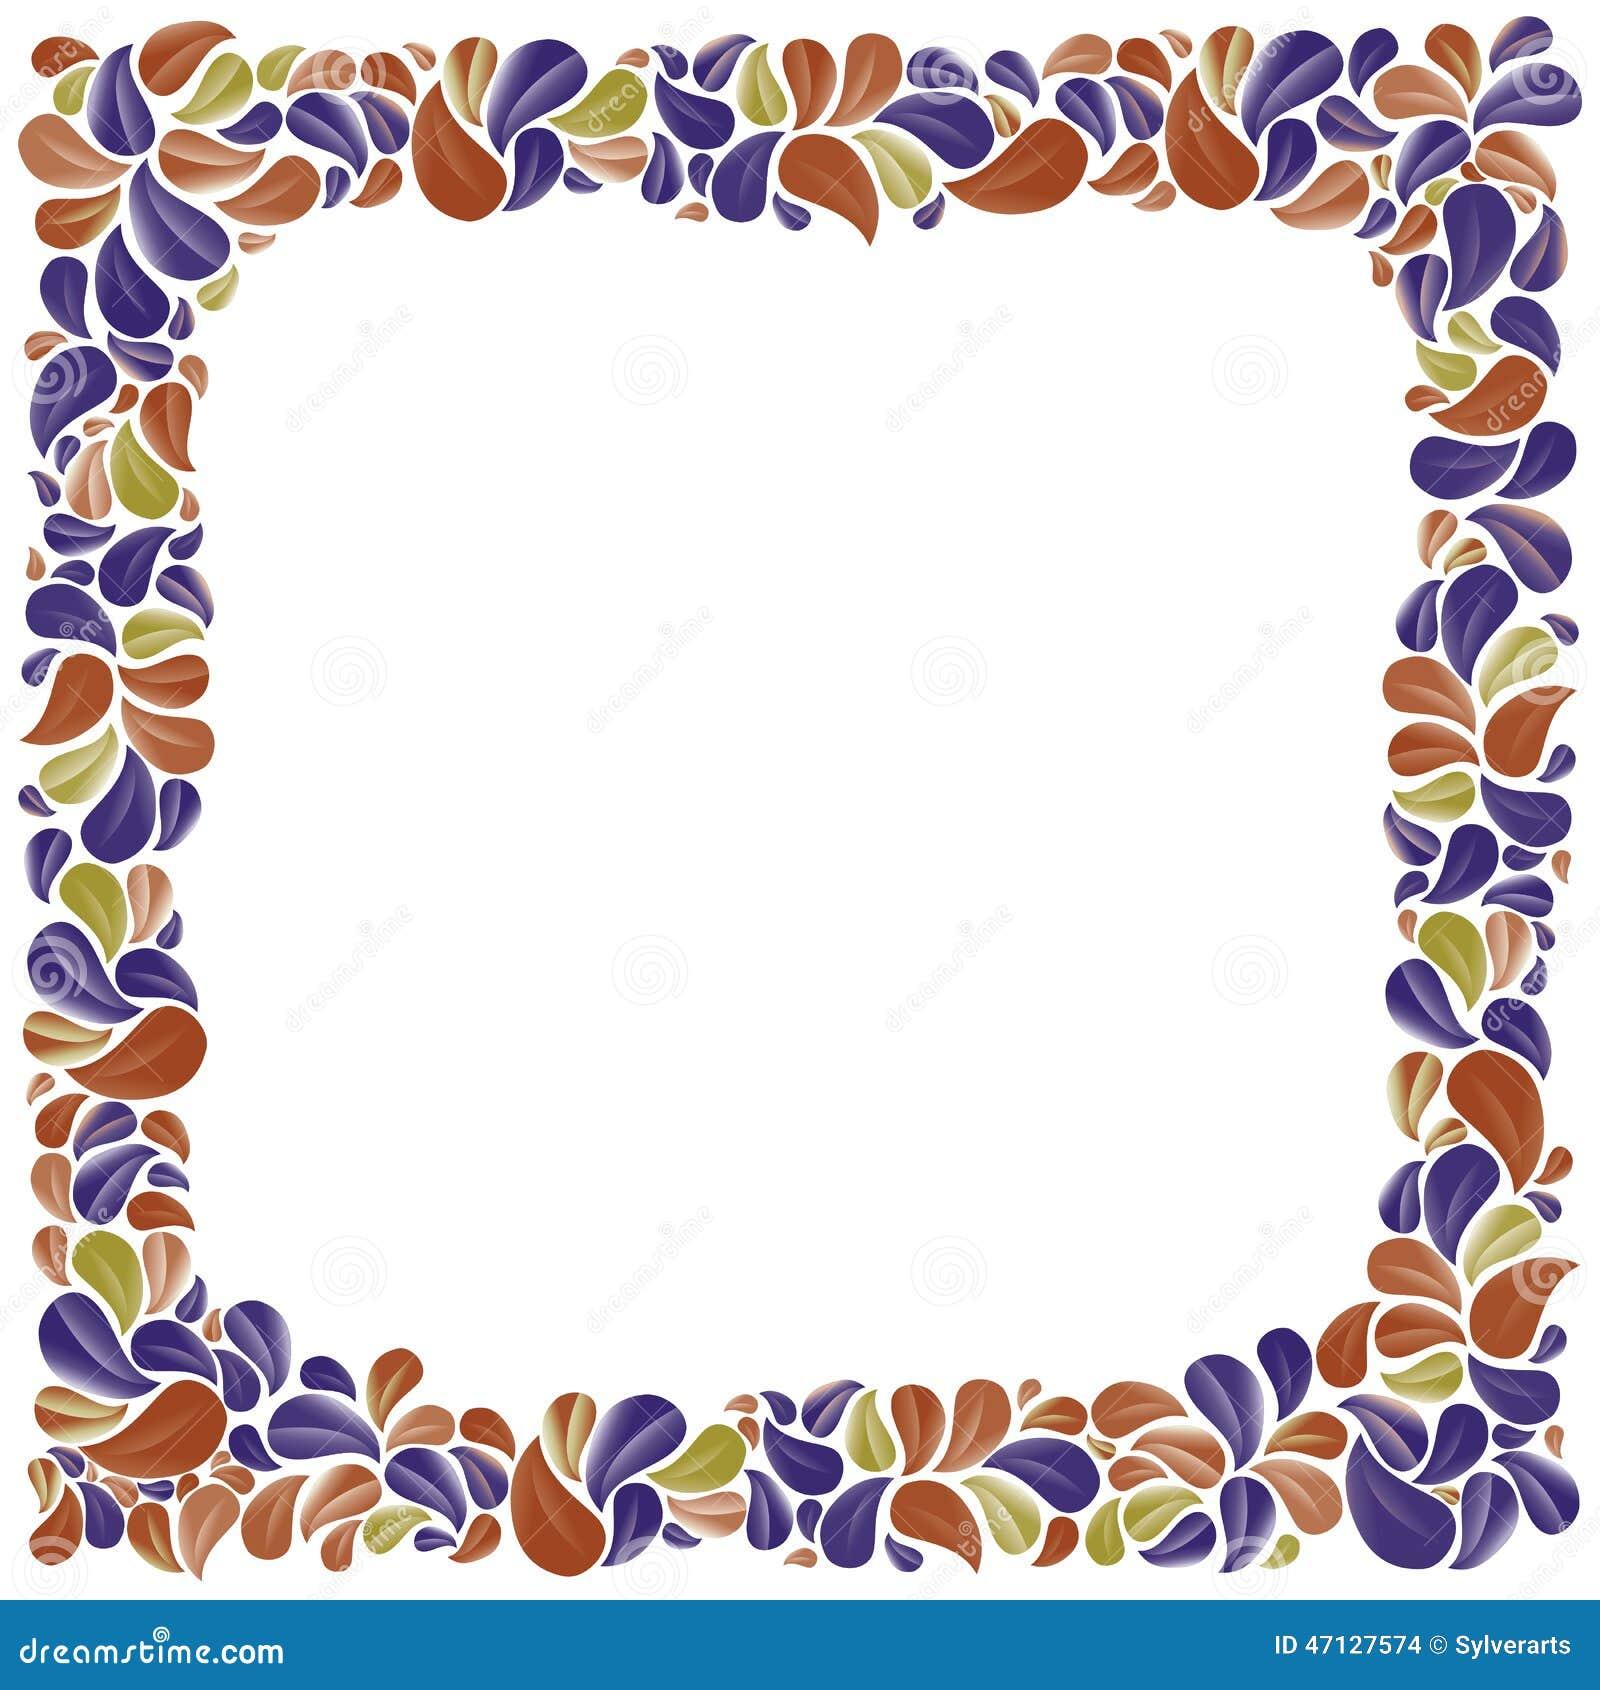 encadrement d coratif naturel color avec des feuilles mieux pour le greeti illustration de. Black Bedroom Furniture Sets. Home Design Ideas